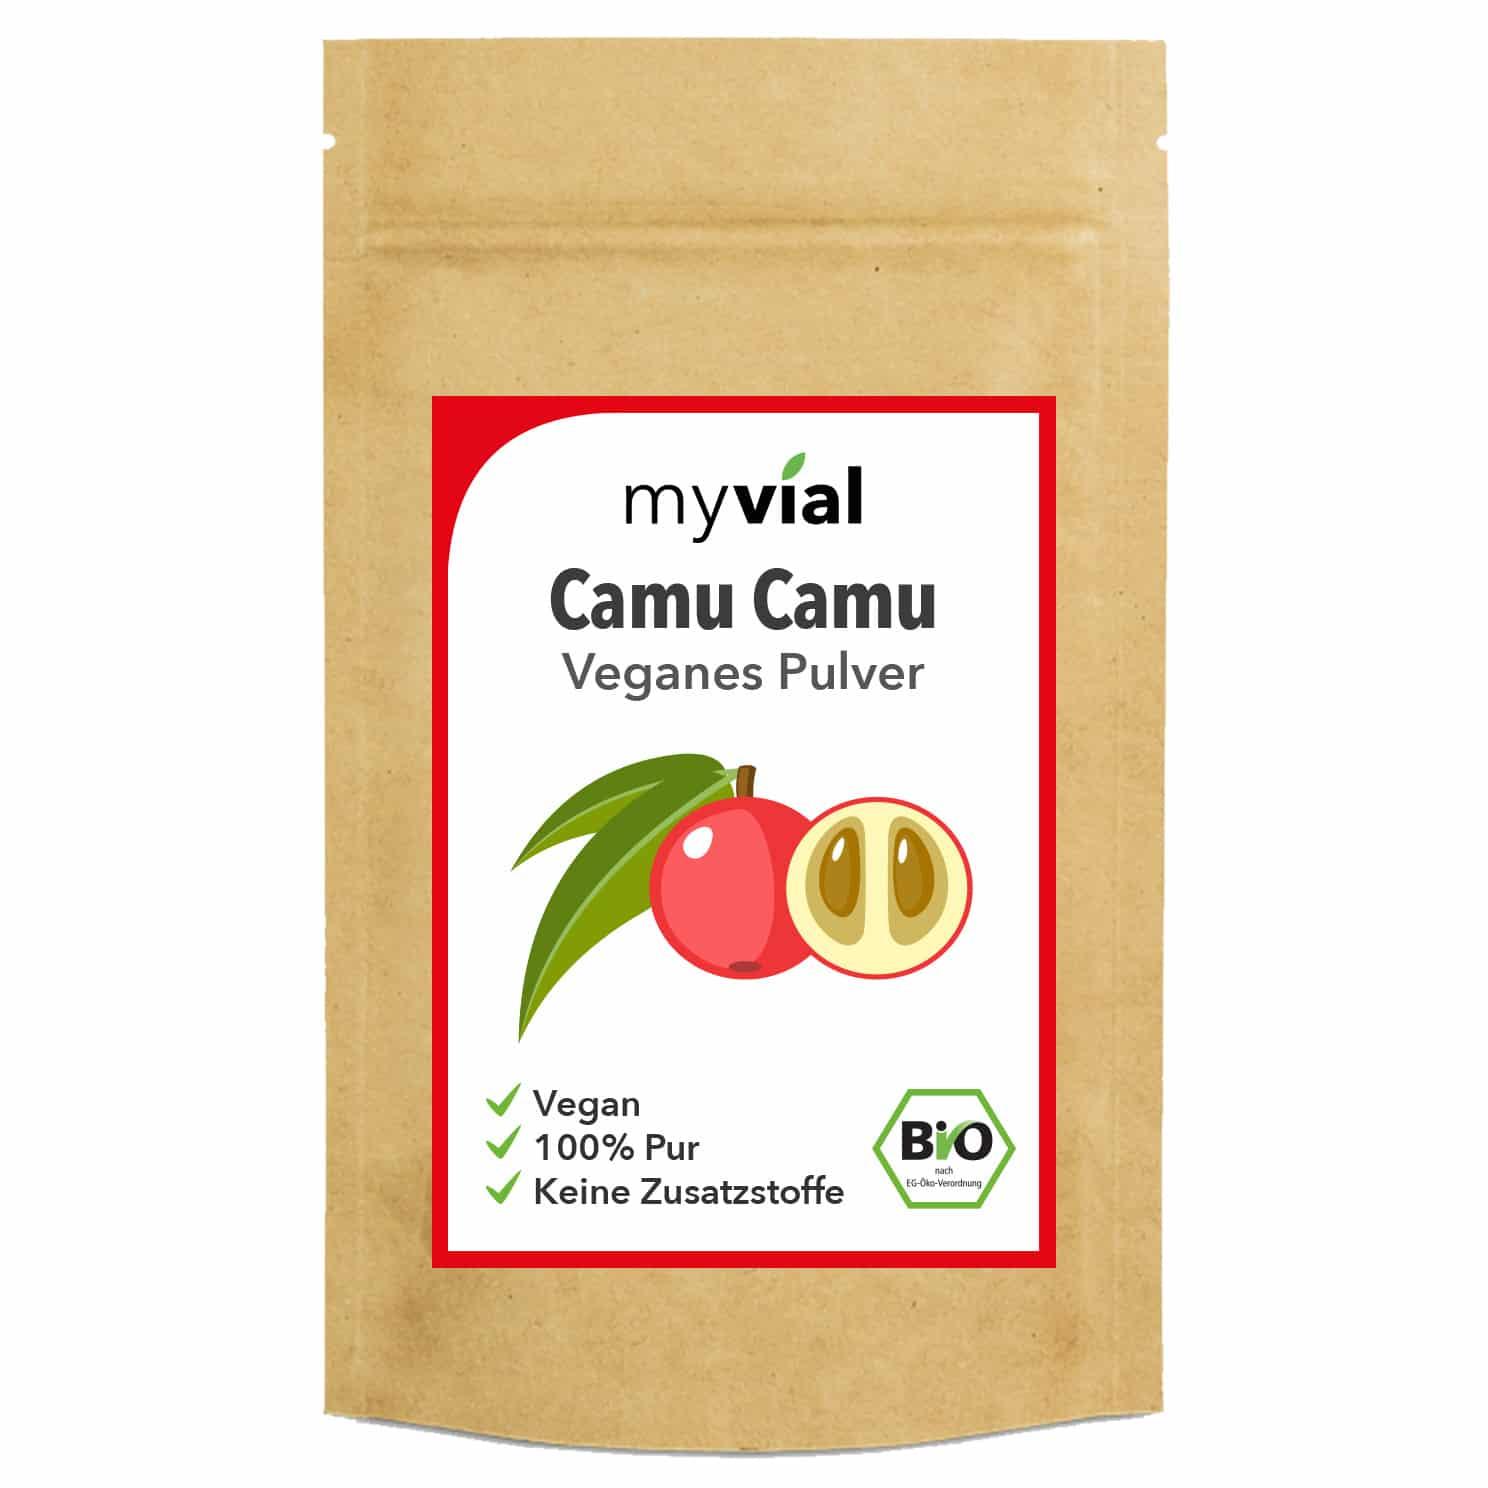 Camu Camu Pulver Bio 250g kaufen | MyVial